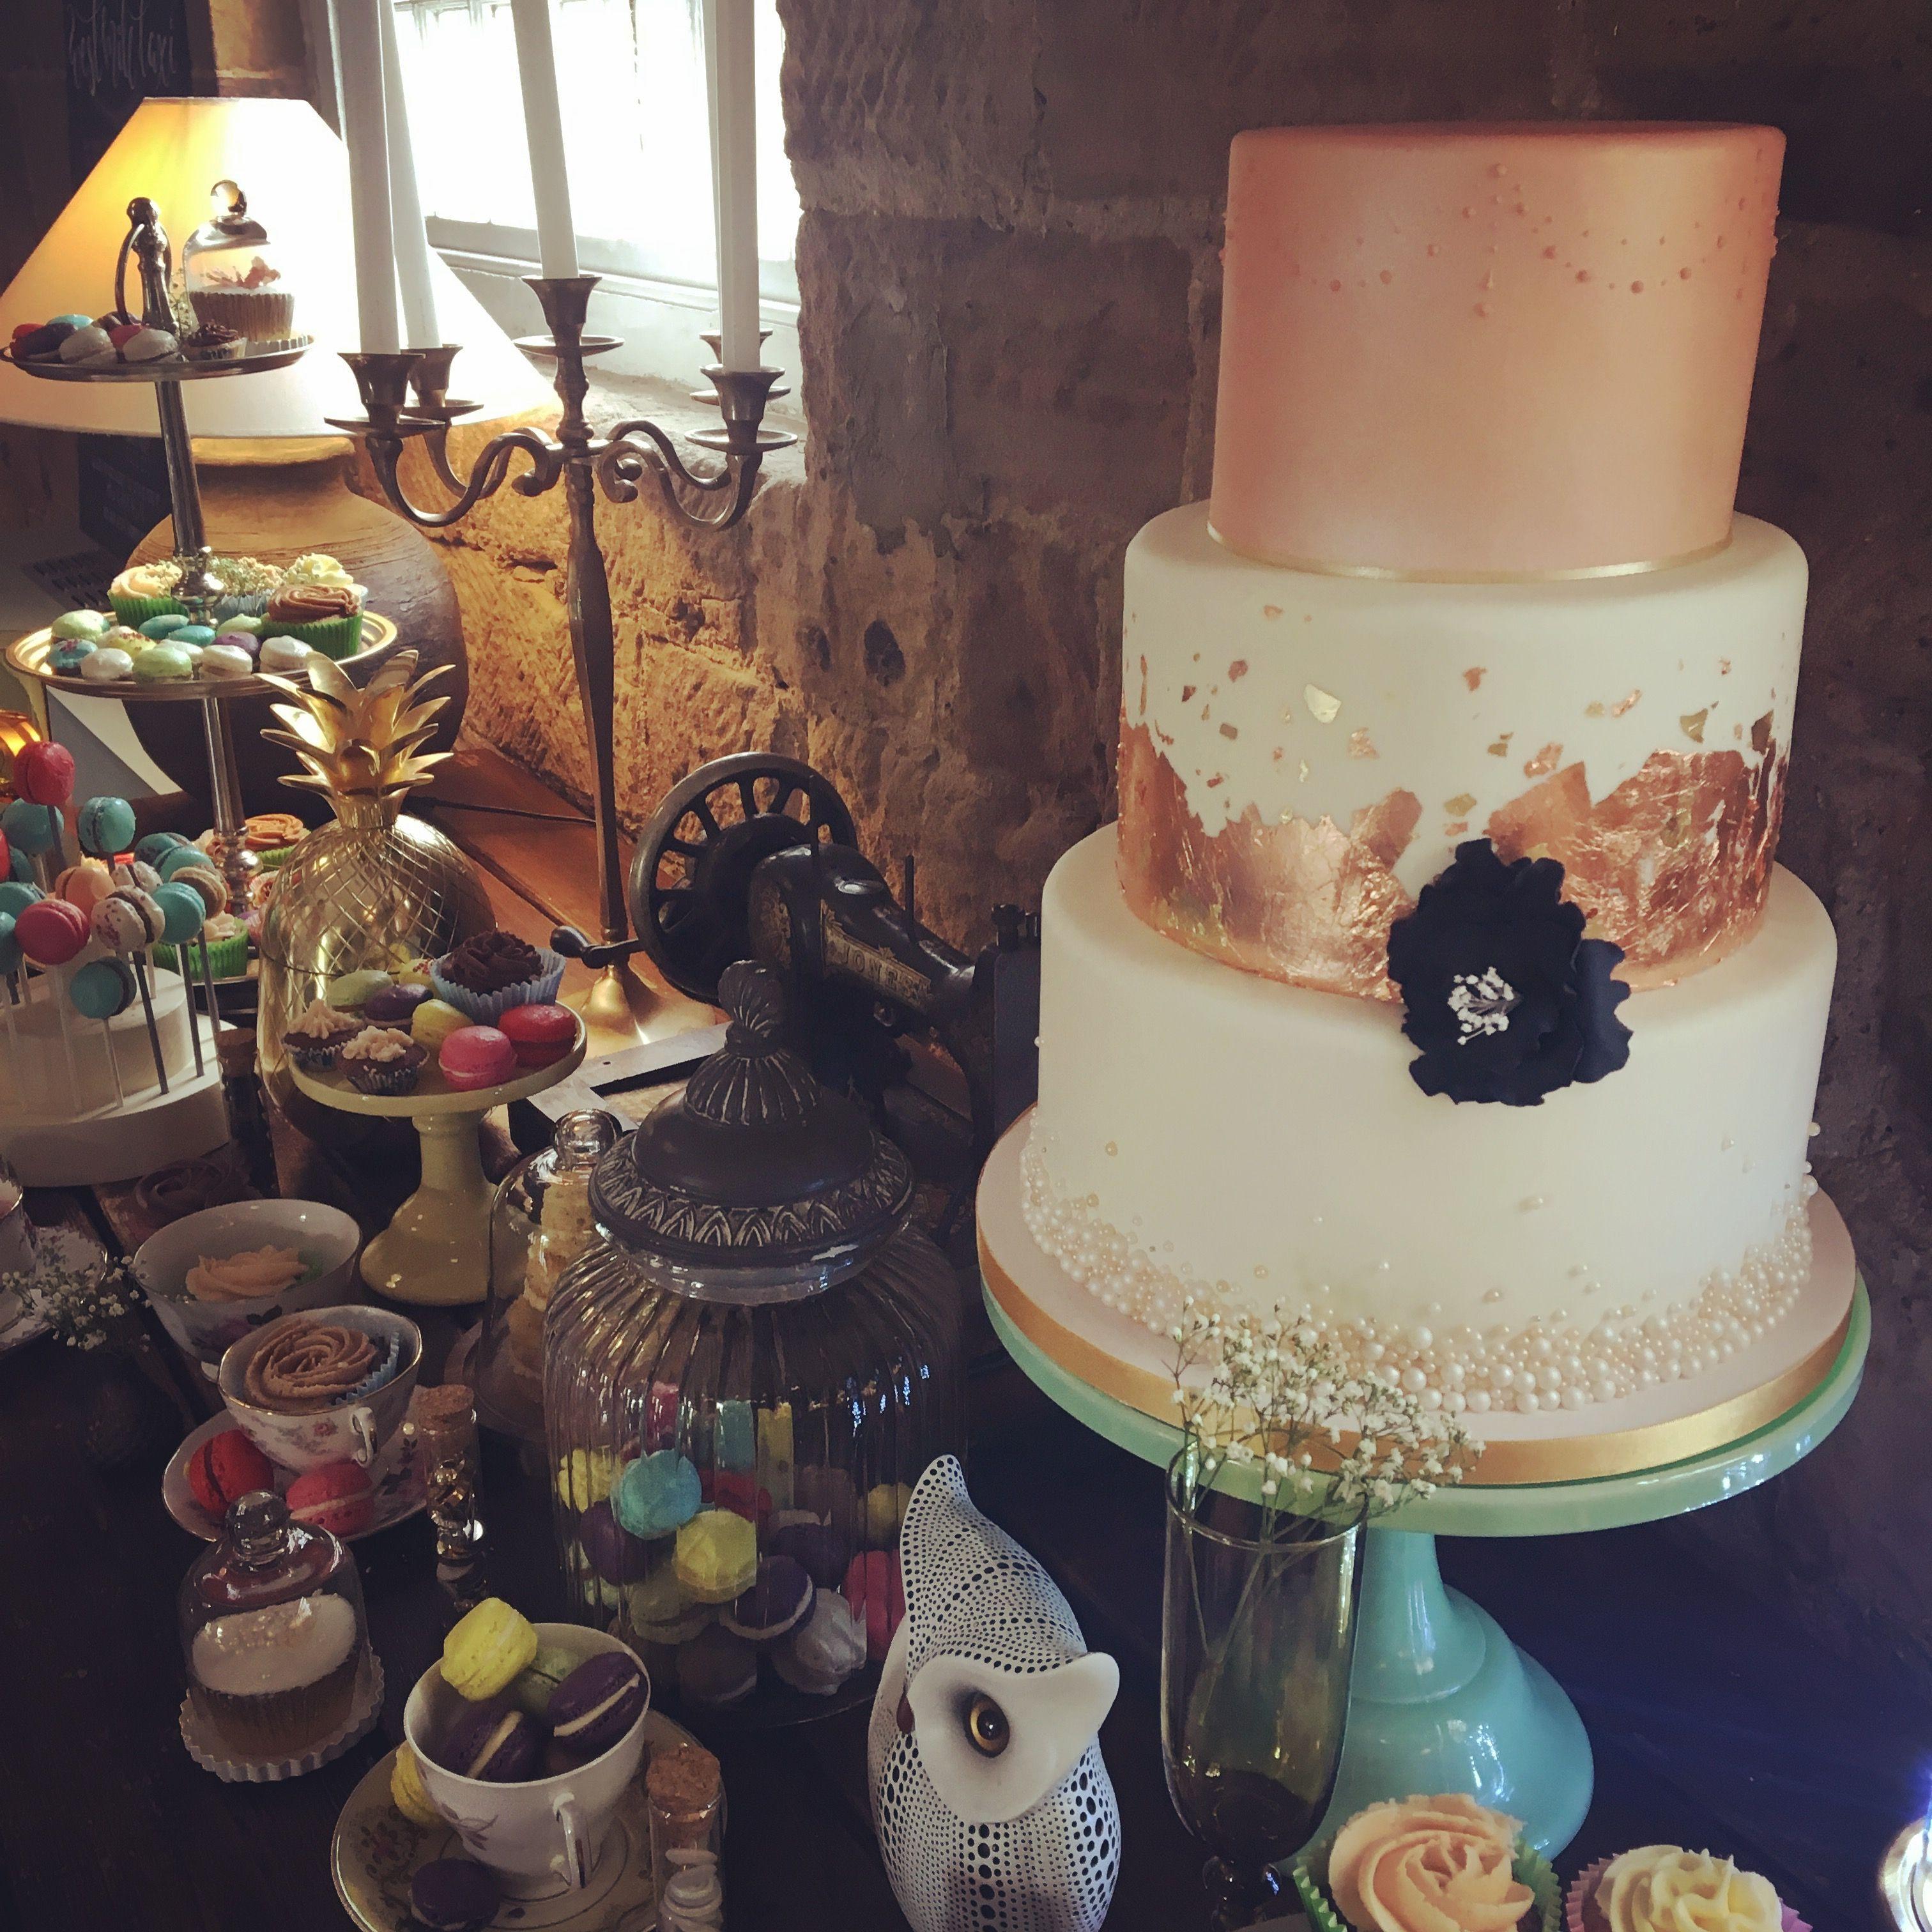 Modern Wedding Cakes on Instagram: Subtle, understated